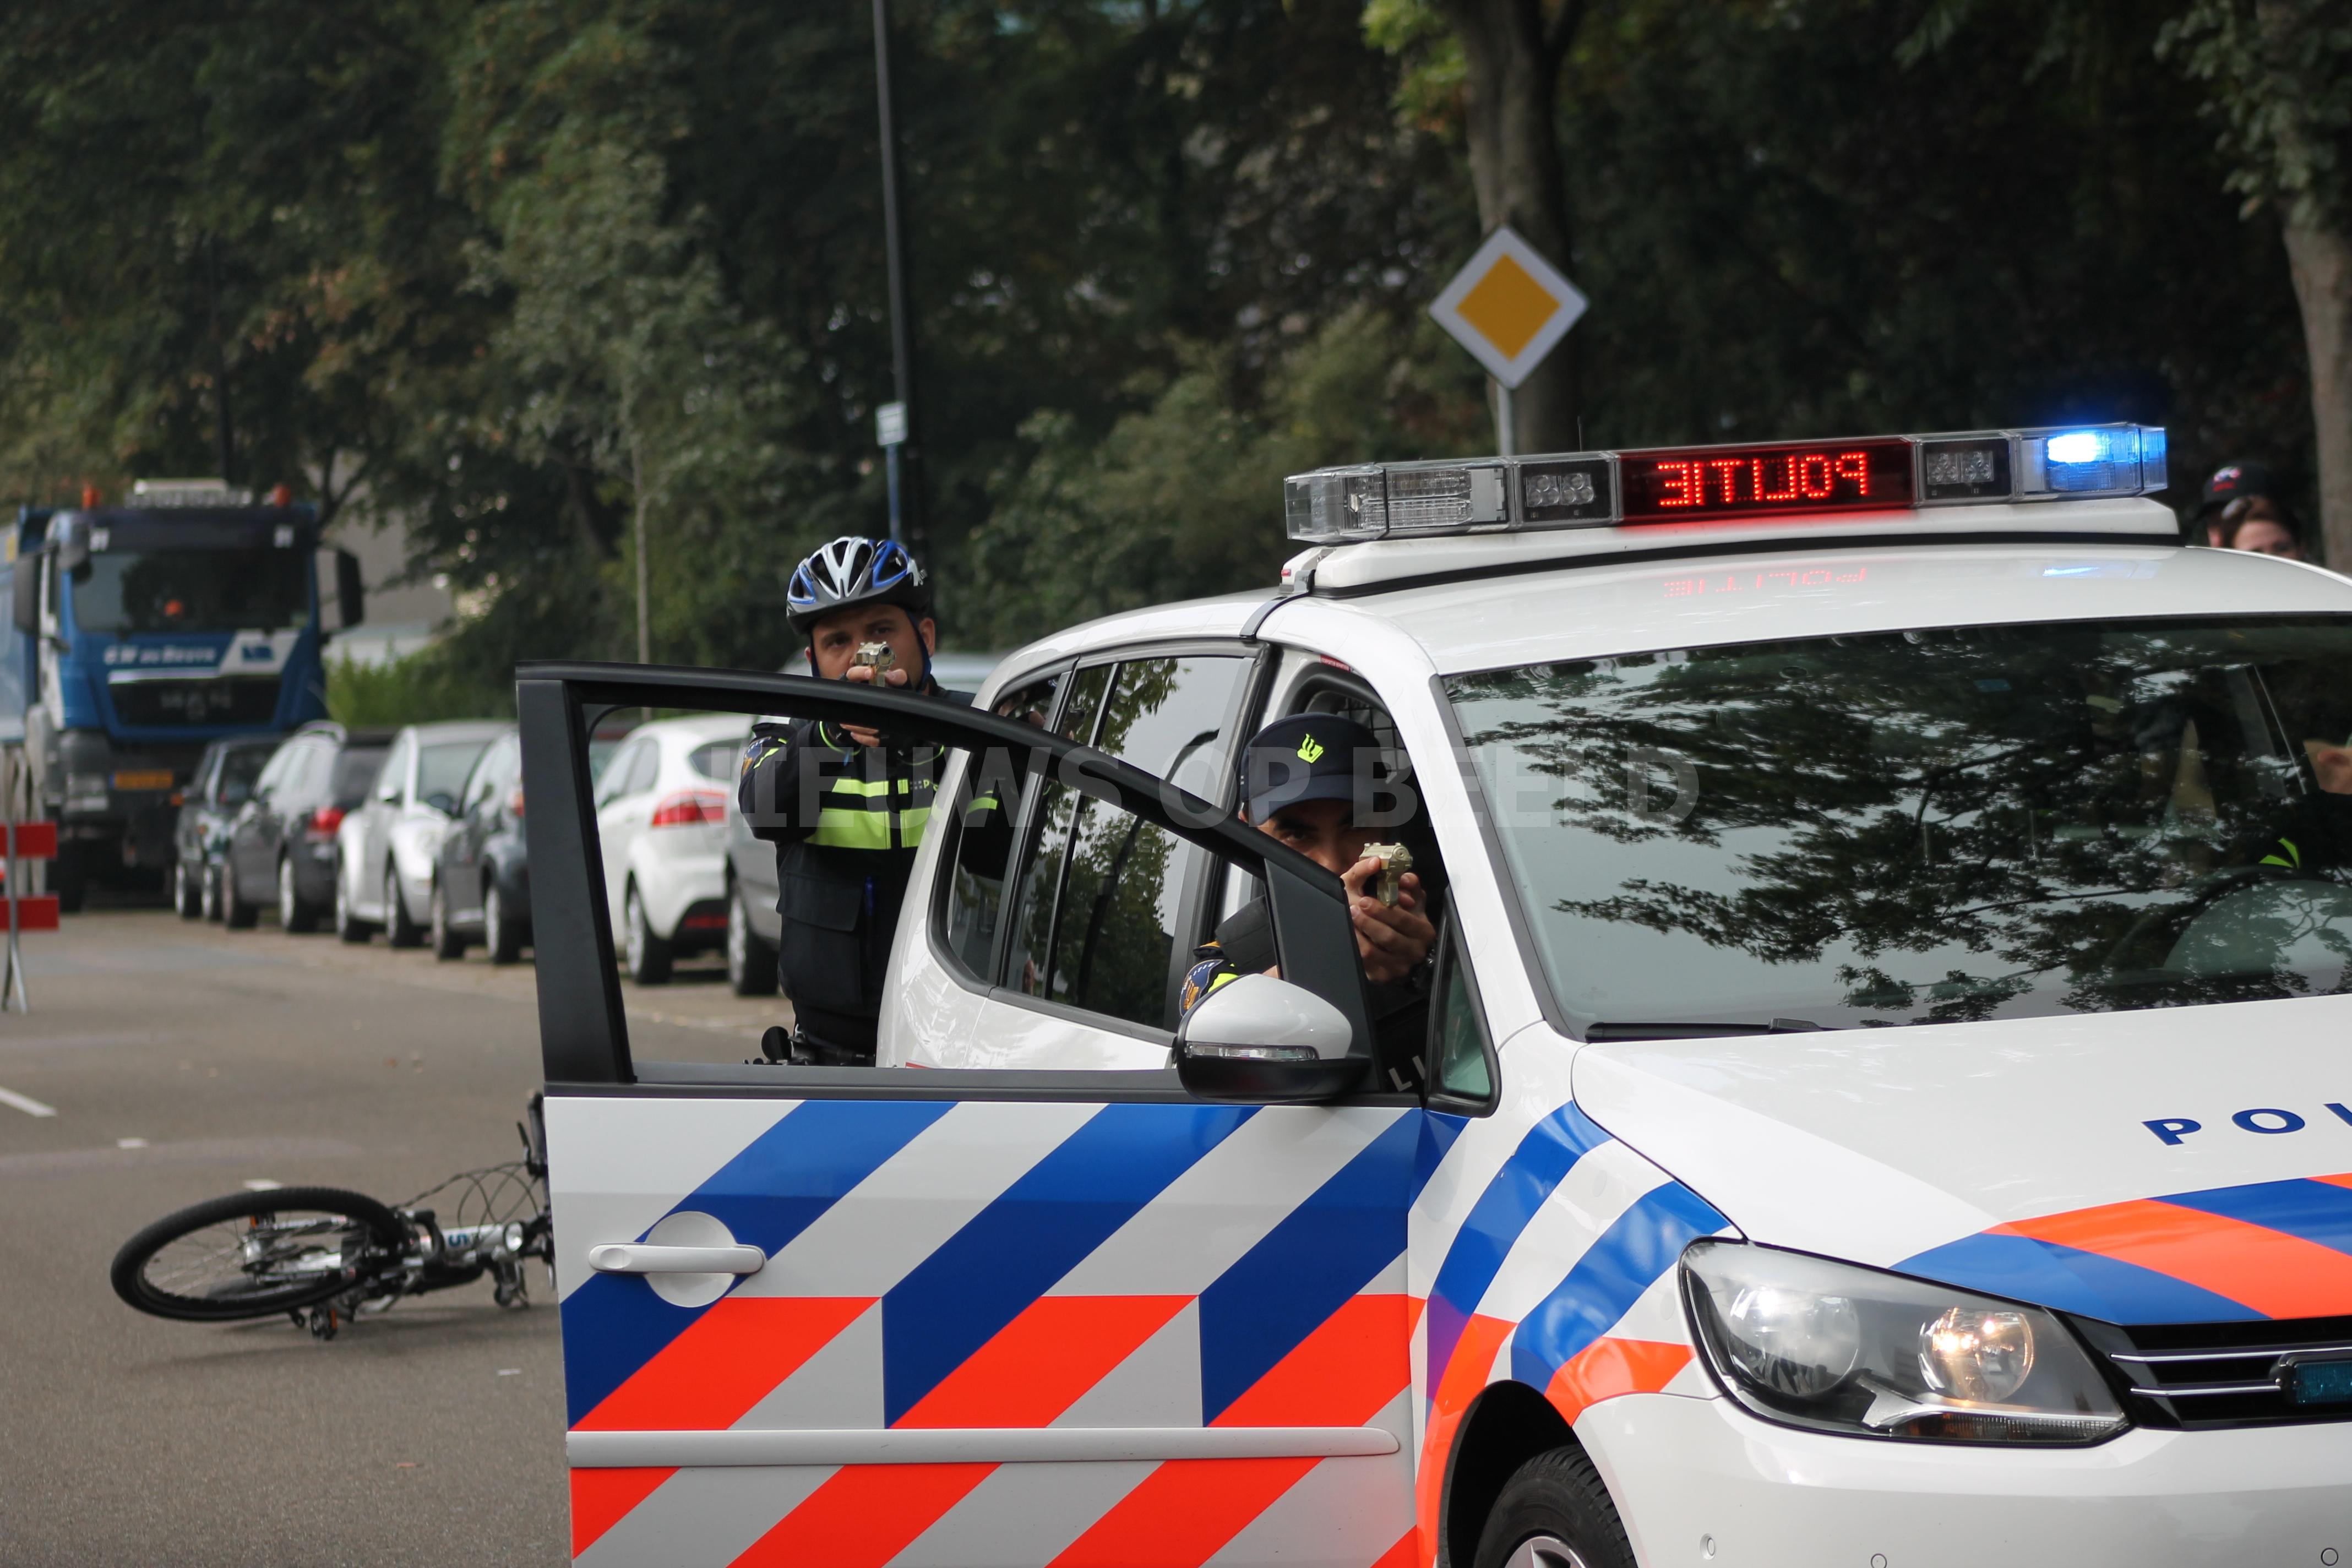 Mannen met nepvuurwapen op schoolplein aangehouden Campanulastraat Rotterdam